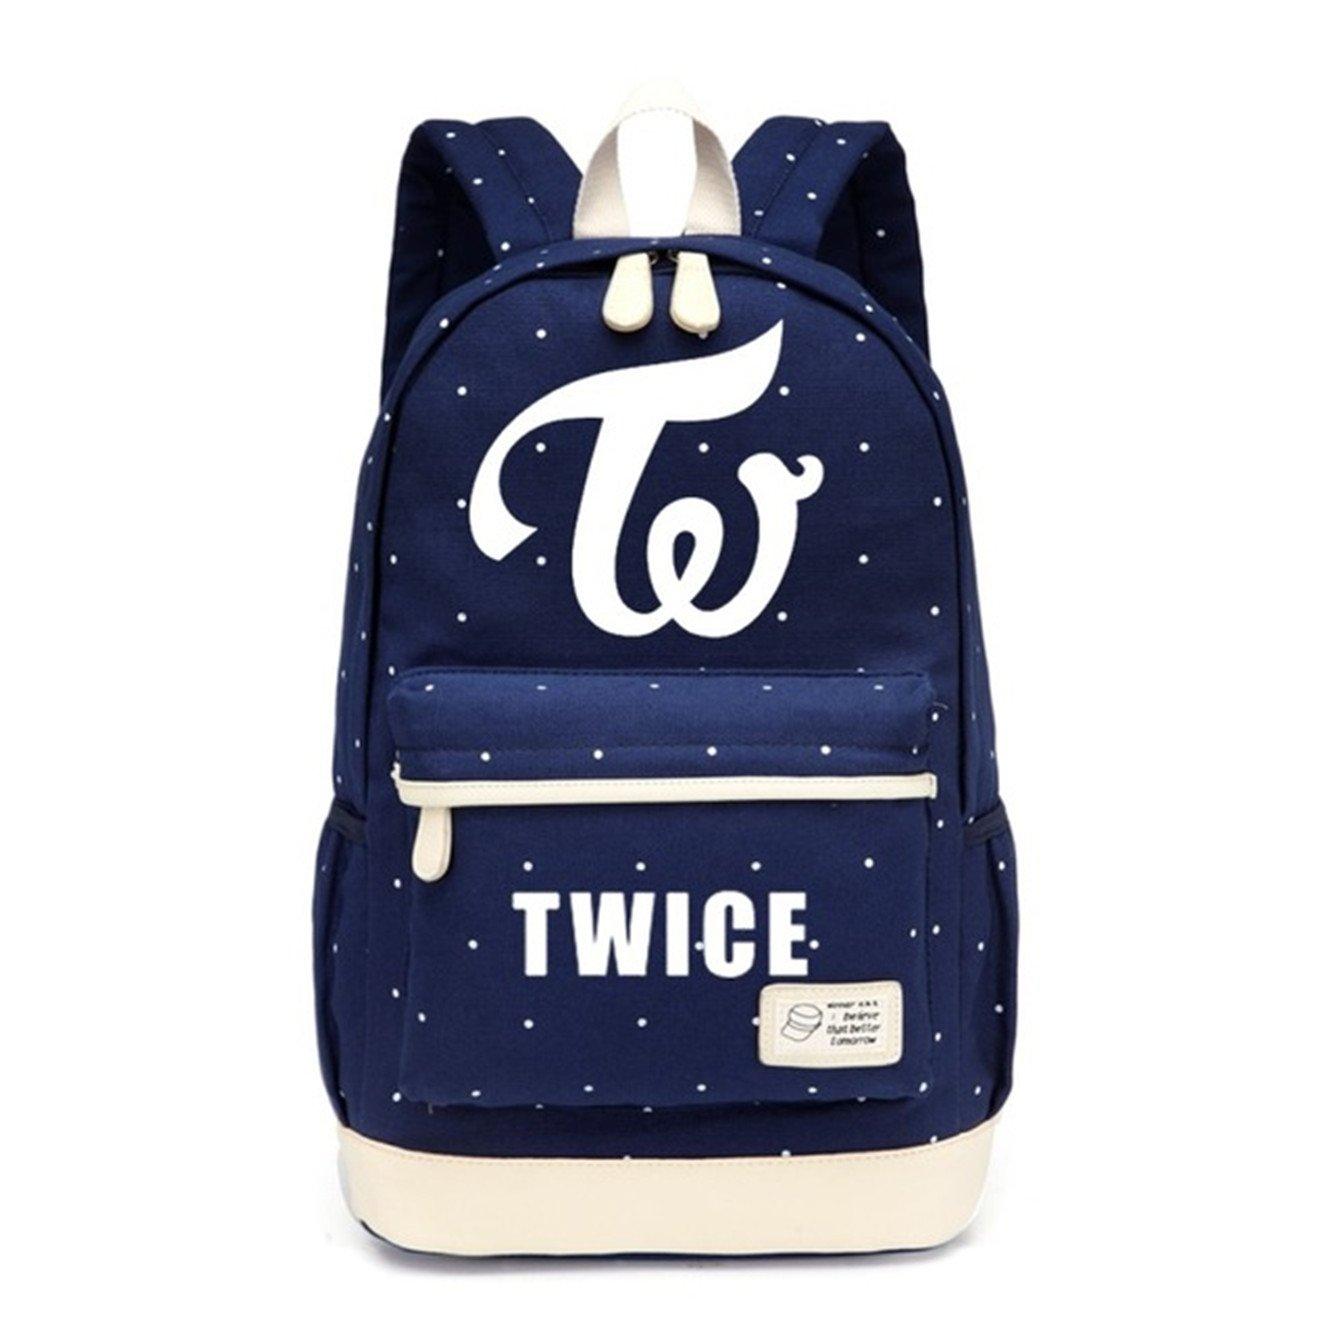 JUSTGOGO KPOP TWICE Backpack Daypack Laptop Bag College Bag Book Bag School Bag (Dark Blue1)